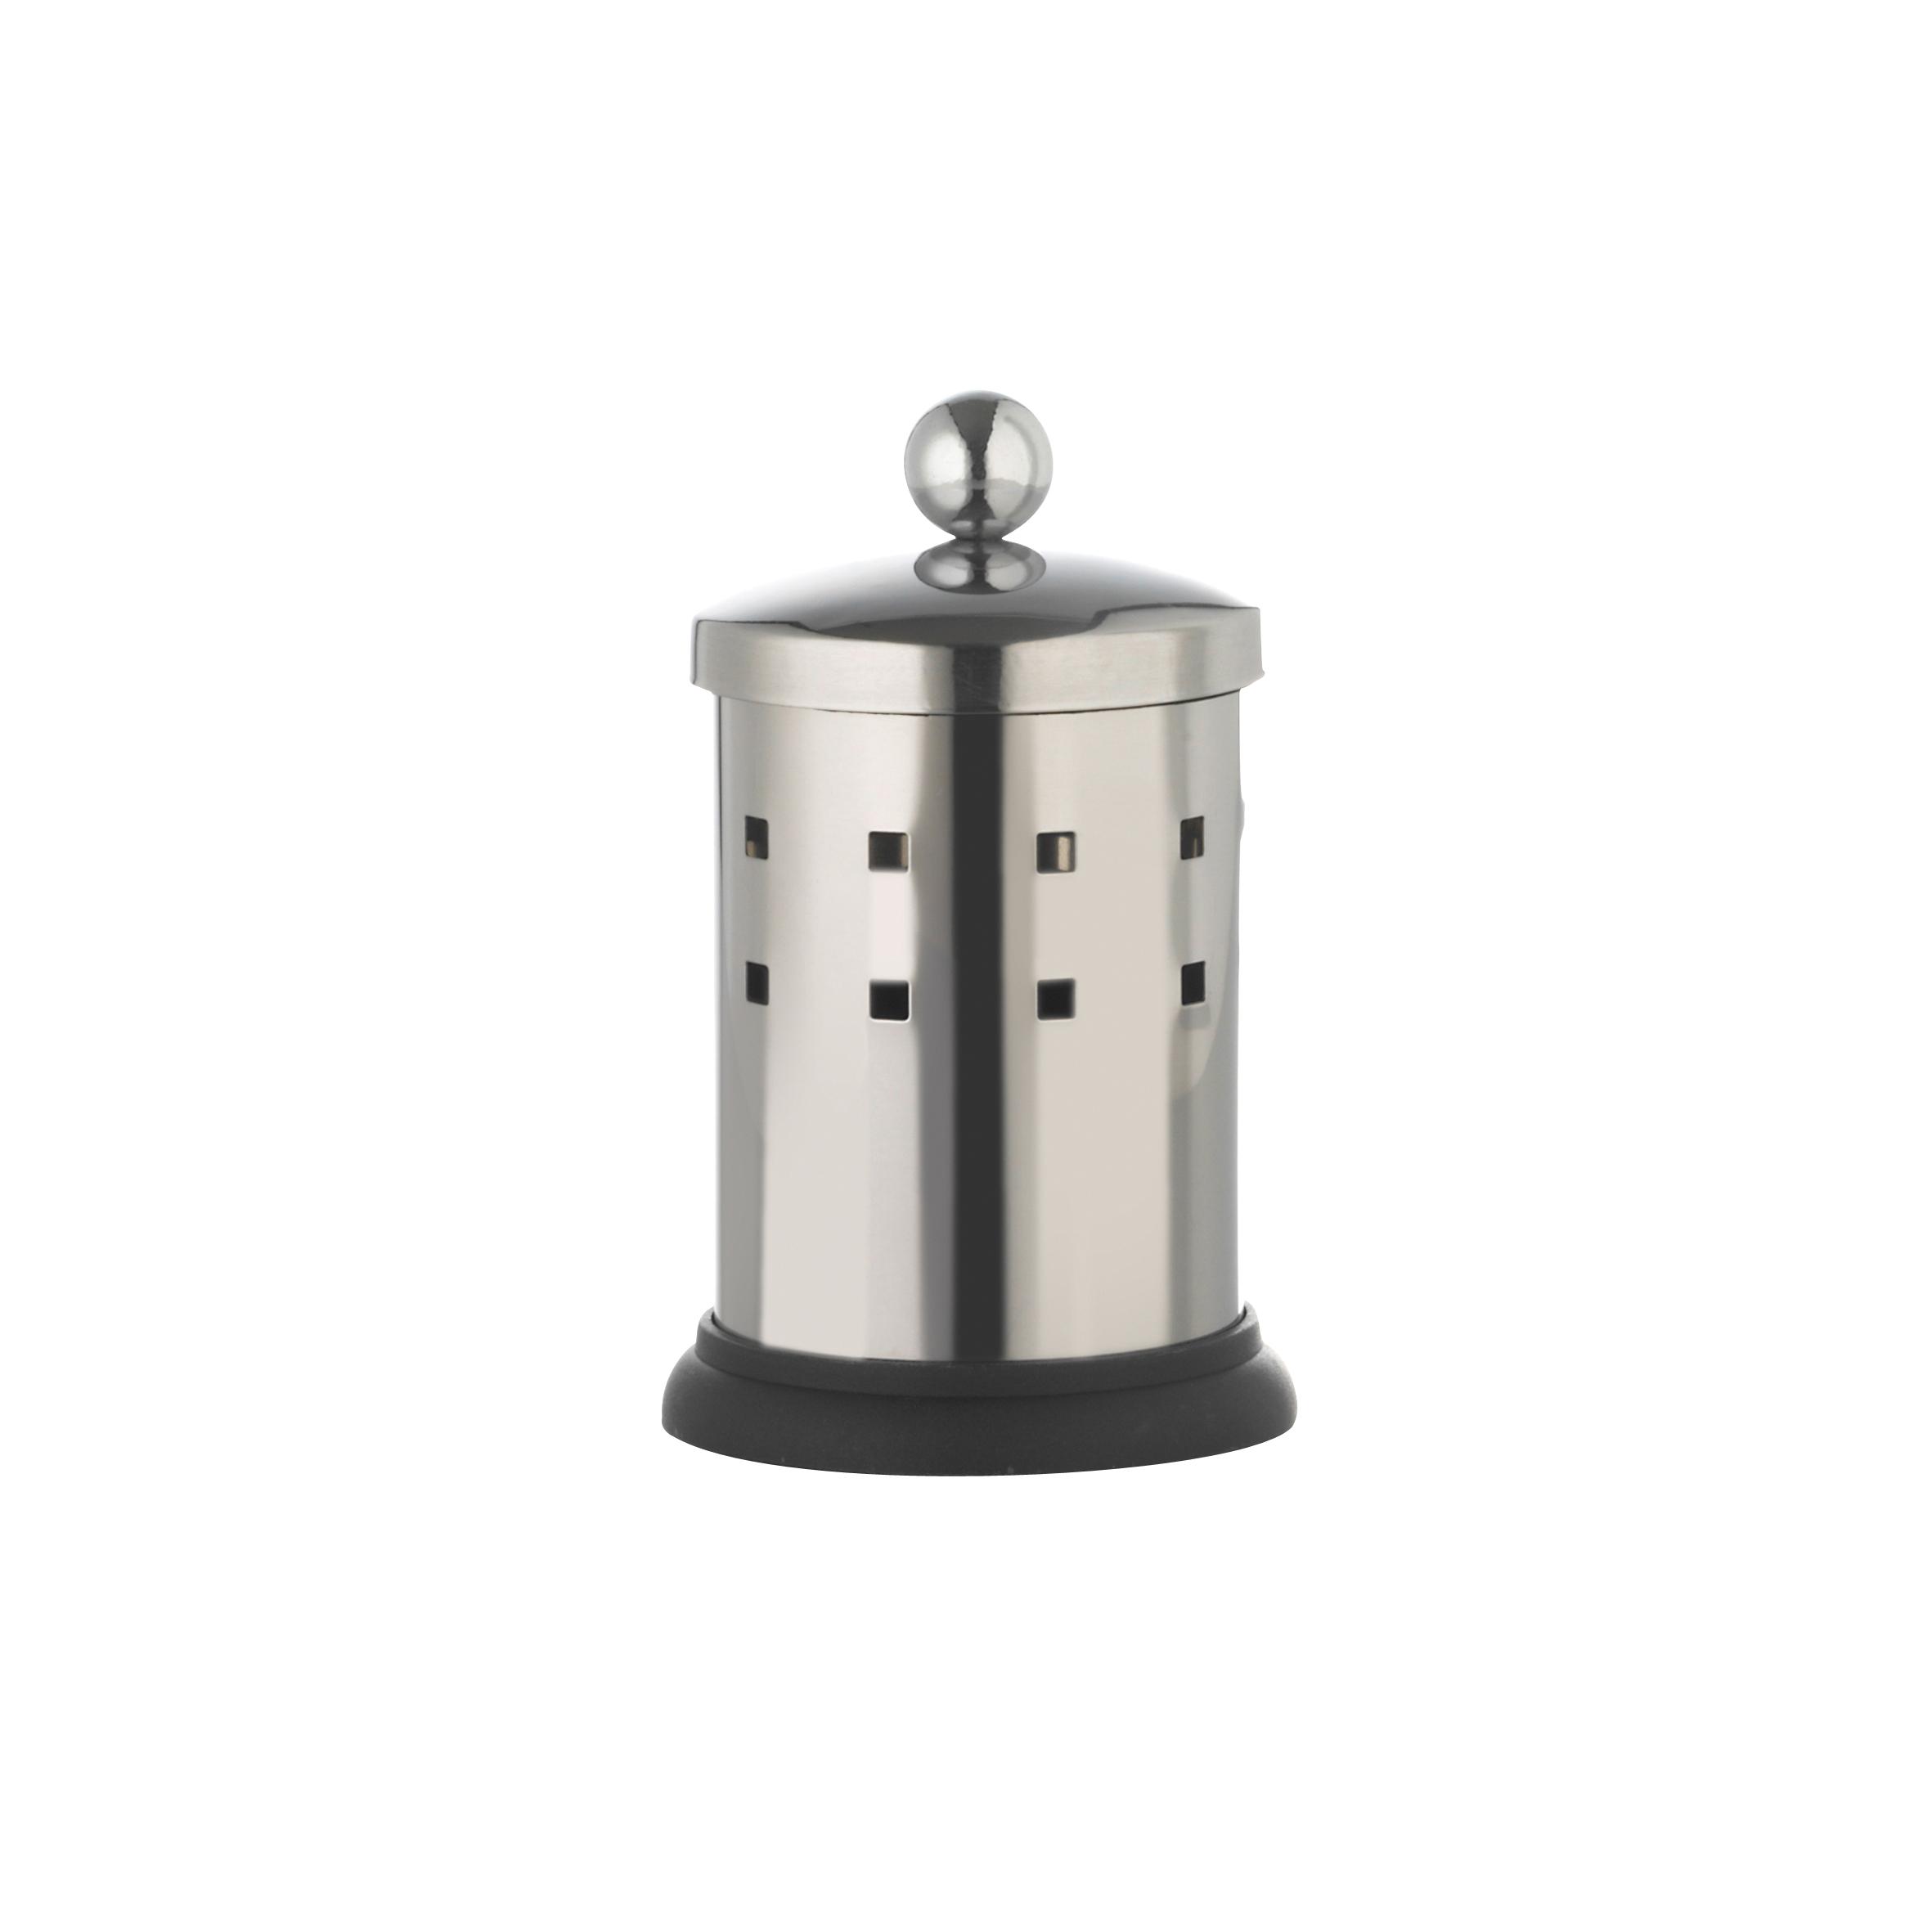 Емкость для хранения ватных палочек Axentia, с крышкой, высота 13 смRG-D31SЕмкость Axentia, изготовленная из нержавеющей стали со специальной противоскользящей подставкой, предназначена для компактного хранения ватных палочек. Изделие оснащено крышкой. Емкость для хранения ватных палочек Axentia удобна в использовании и экономит место.Высота емкости: 13 см.Диаметр основания емкости: 7 см.